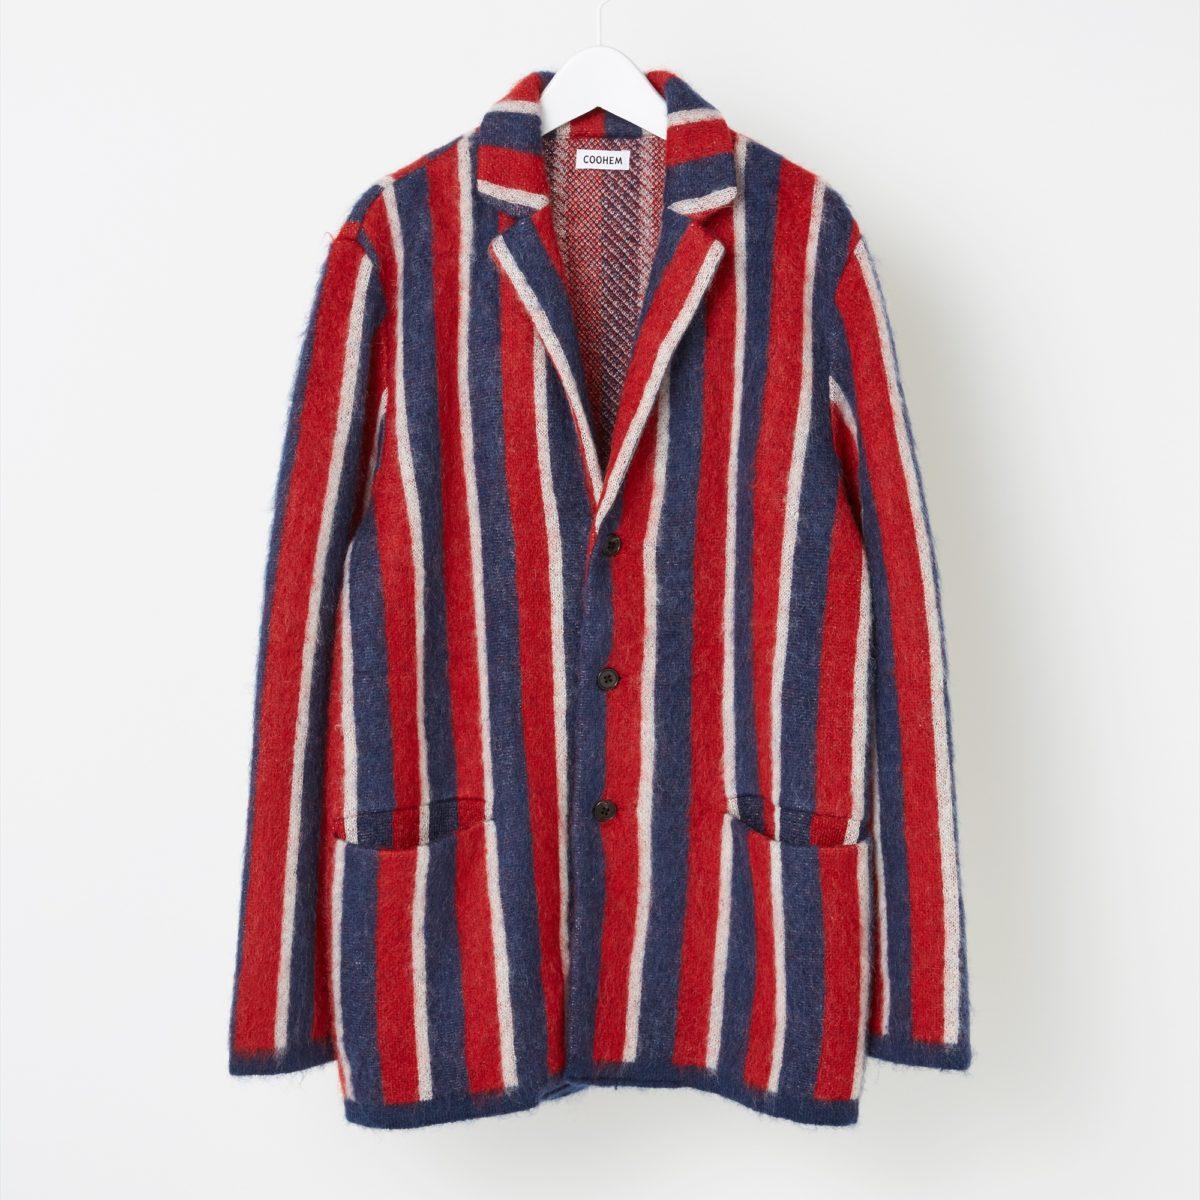 【嵐 衣装 櫻井翔さん】◆JFC動画 VS嵐◆ジャケット